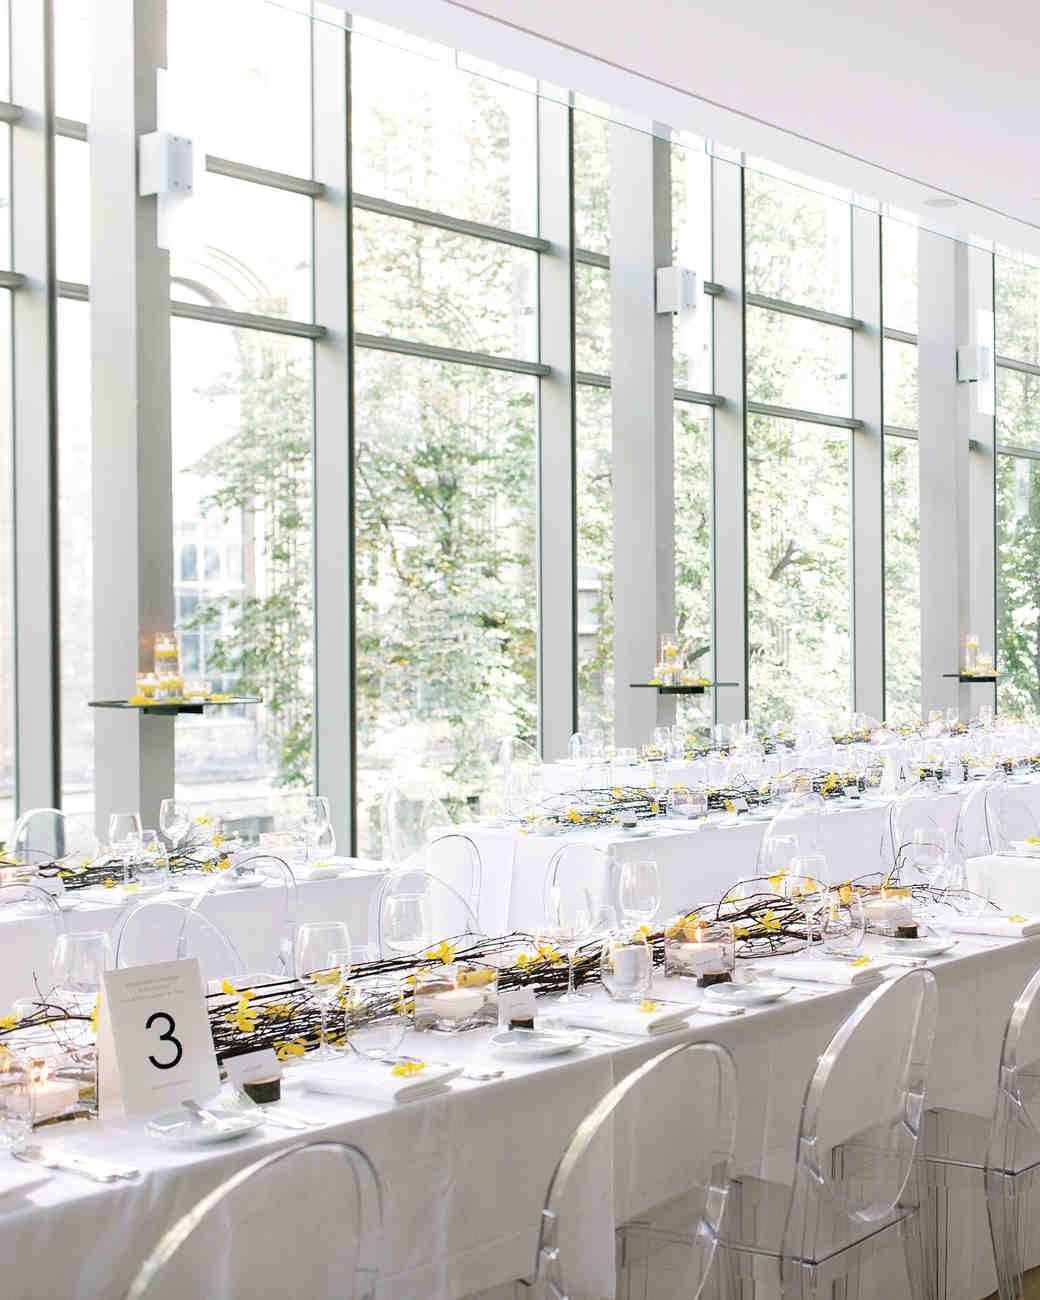 mamy-dan-wedding-canada-details-reception-location-027-s112629.jpg